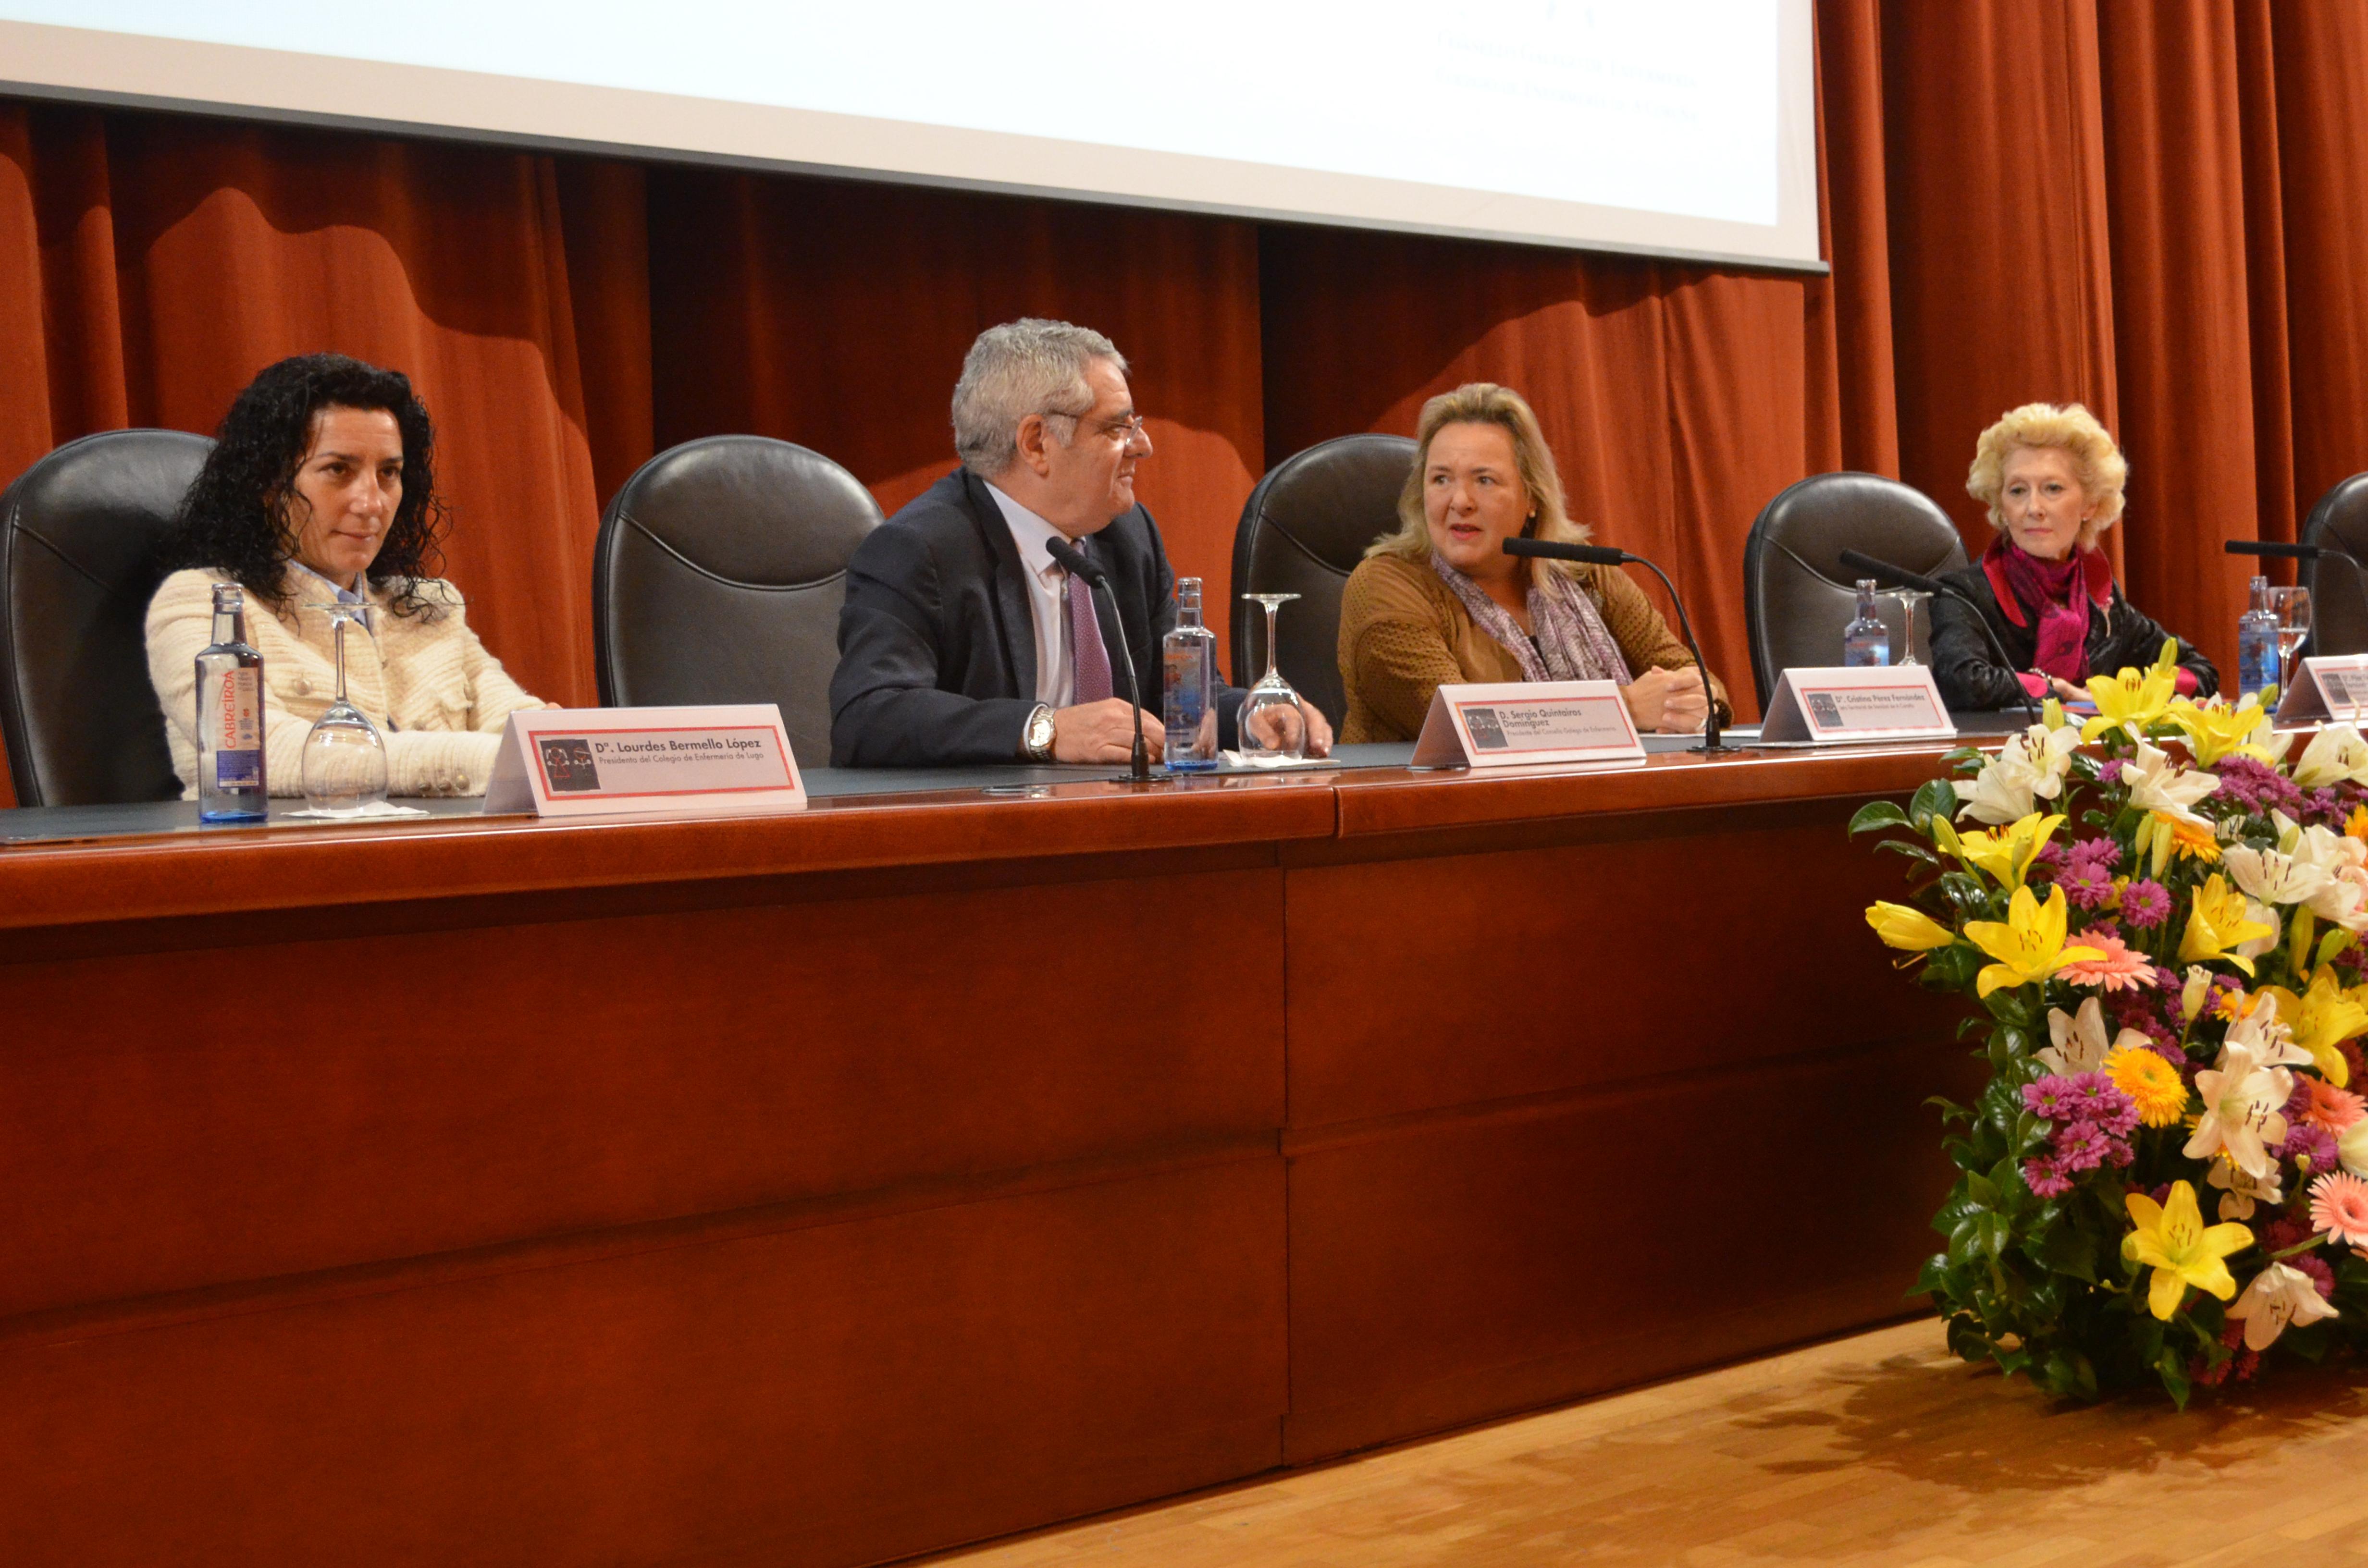 De izquierda a derecha: Lourdes Bermello, presidenta del Colegio de Enfermería de Lugo; Sergio Quintairos, presidente del Consello Galego de Enfermería; Cristina Pérez Fernández, jefa territorial de la Consellería de Sanidade; y Pilar Fernández, vicepresidenta primera del CGE